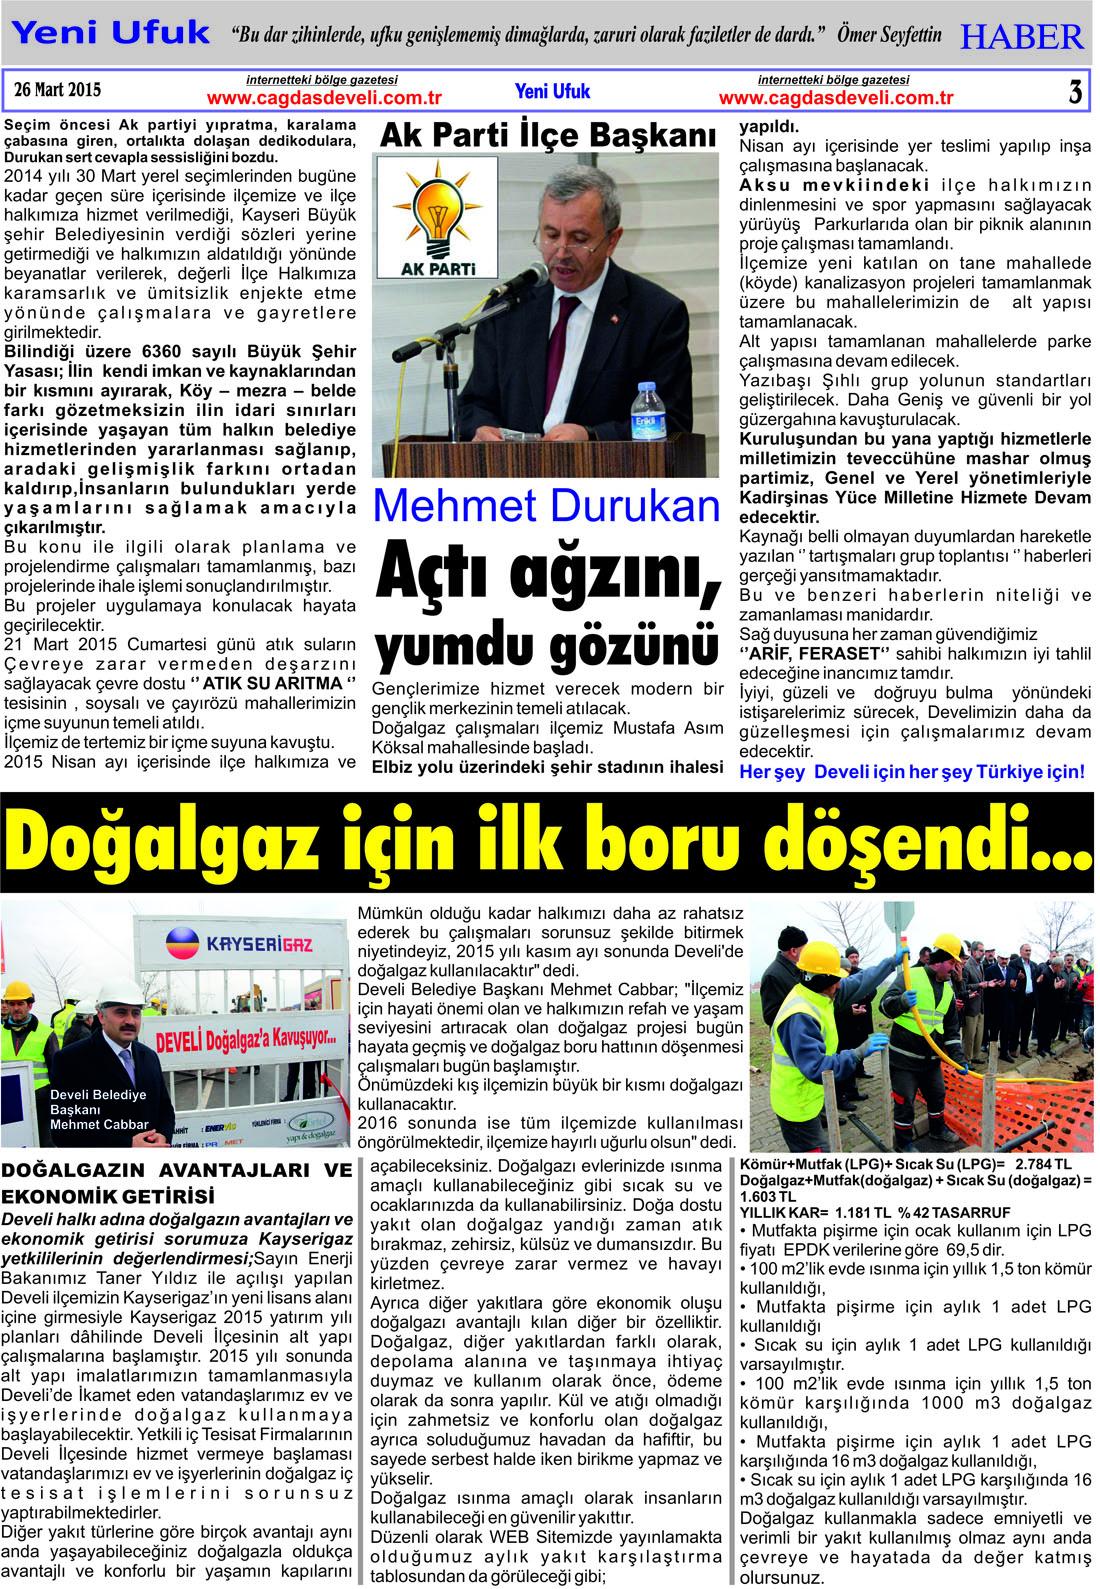 Yeni Ufuk Bölge Gazetesi, 26 Mart 2015, Sayfa 3